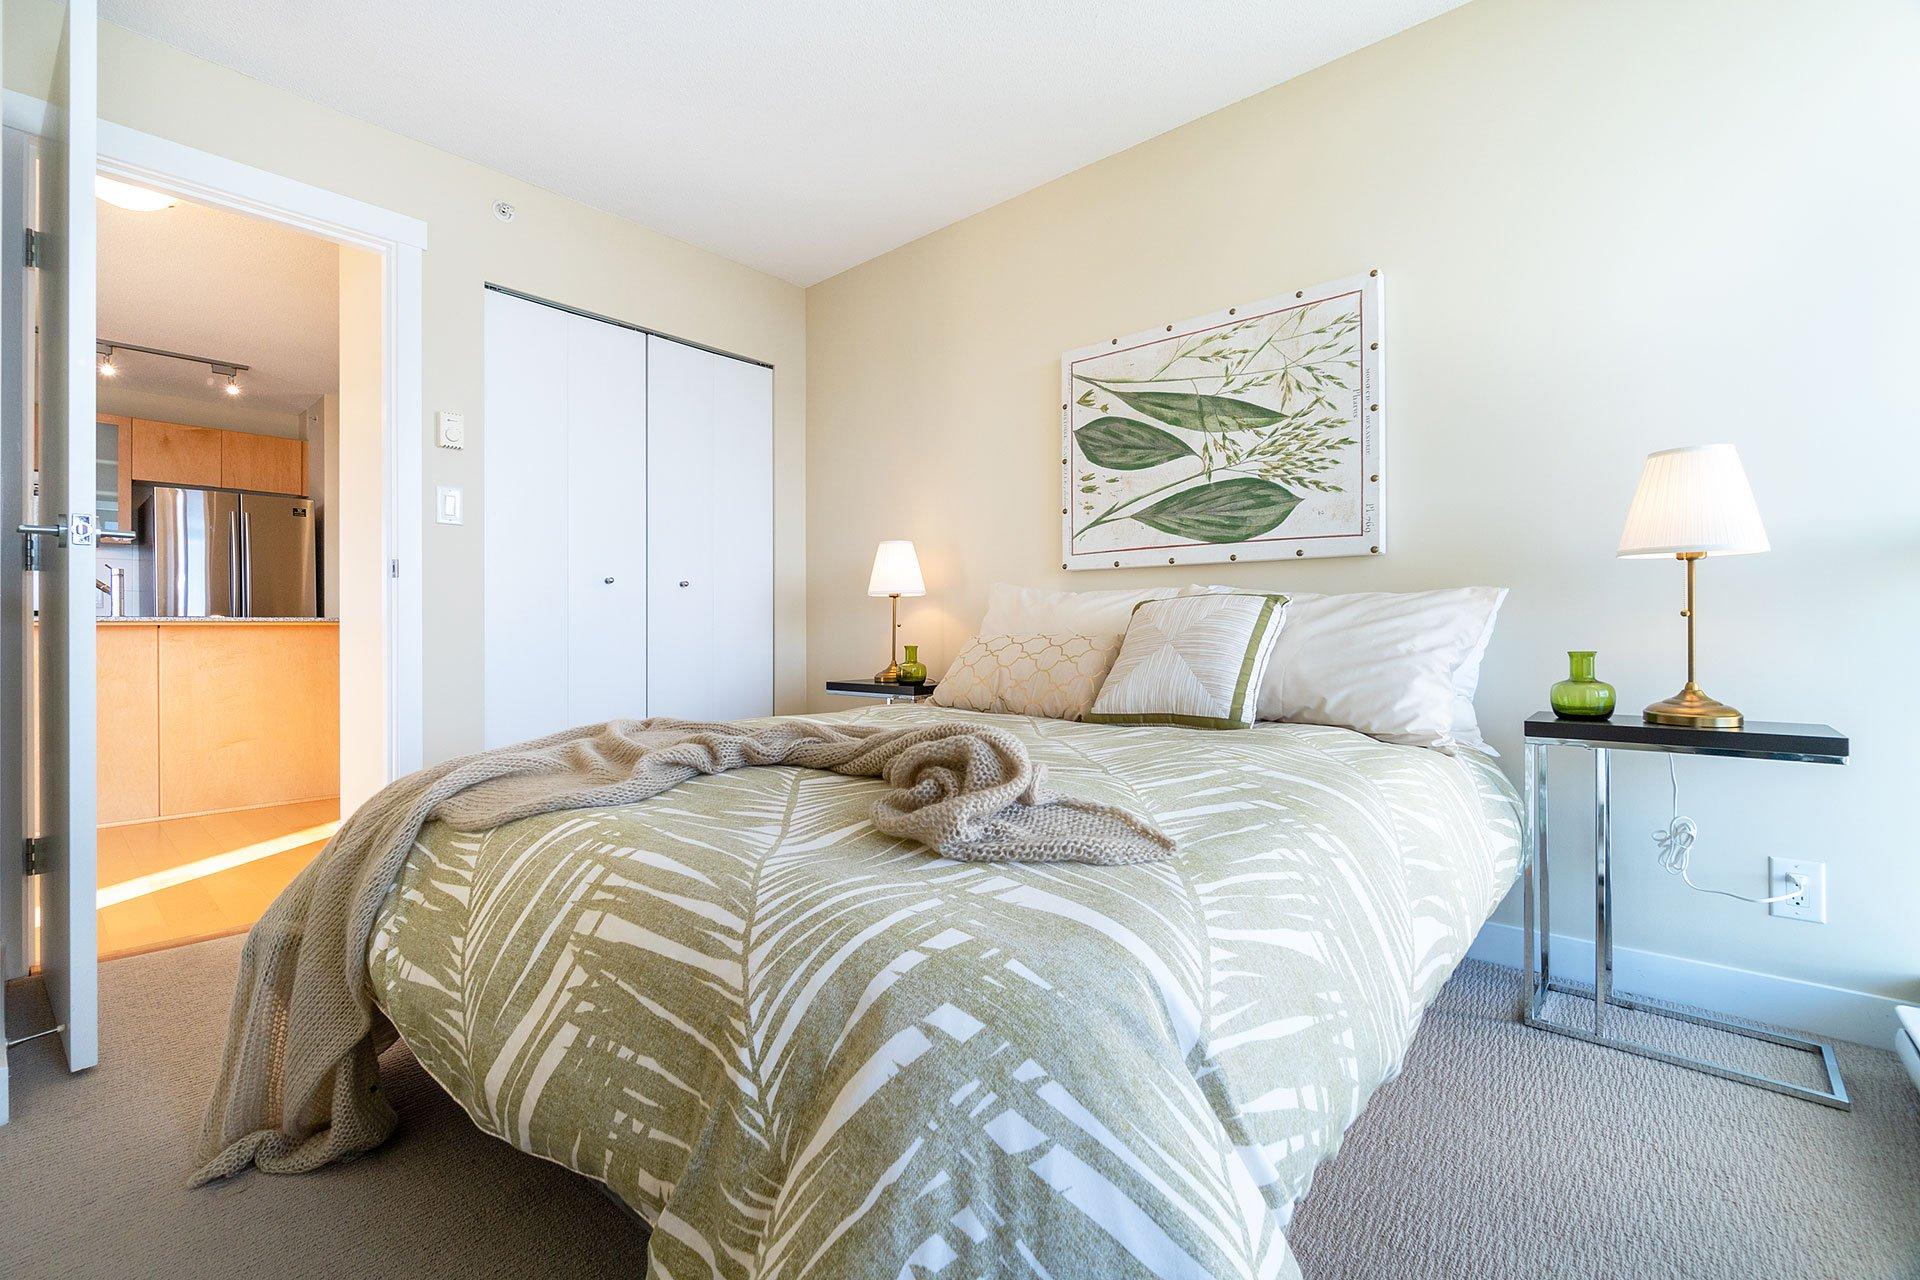 """Photo 22: Photos: 1207 7535 ALDERBRIDGE Way in Richmond: Brighouse Condo for sale in """"OCEAN WALK"""" : MLS®# R2445449"""